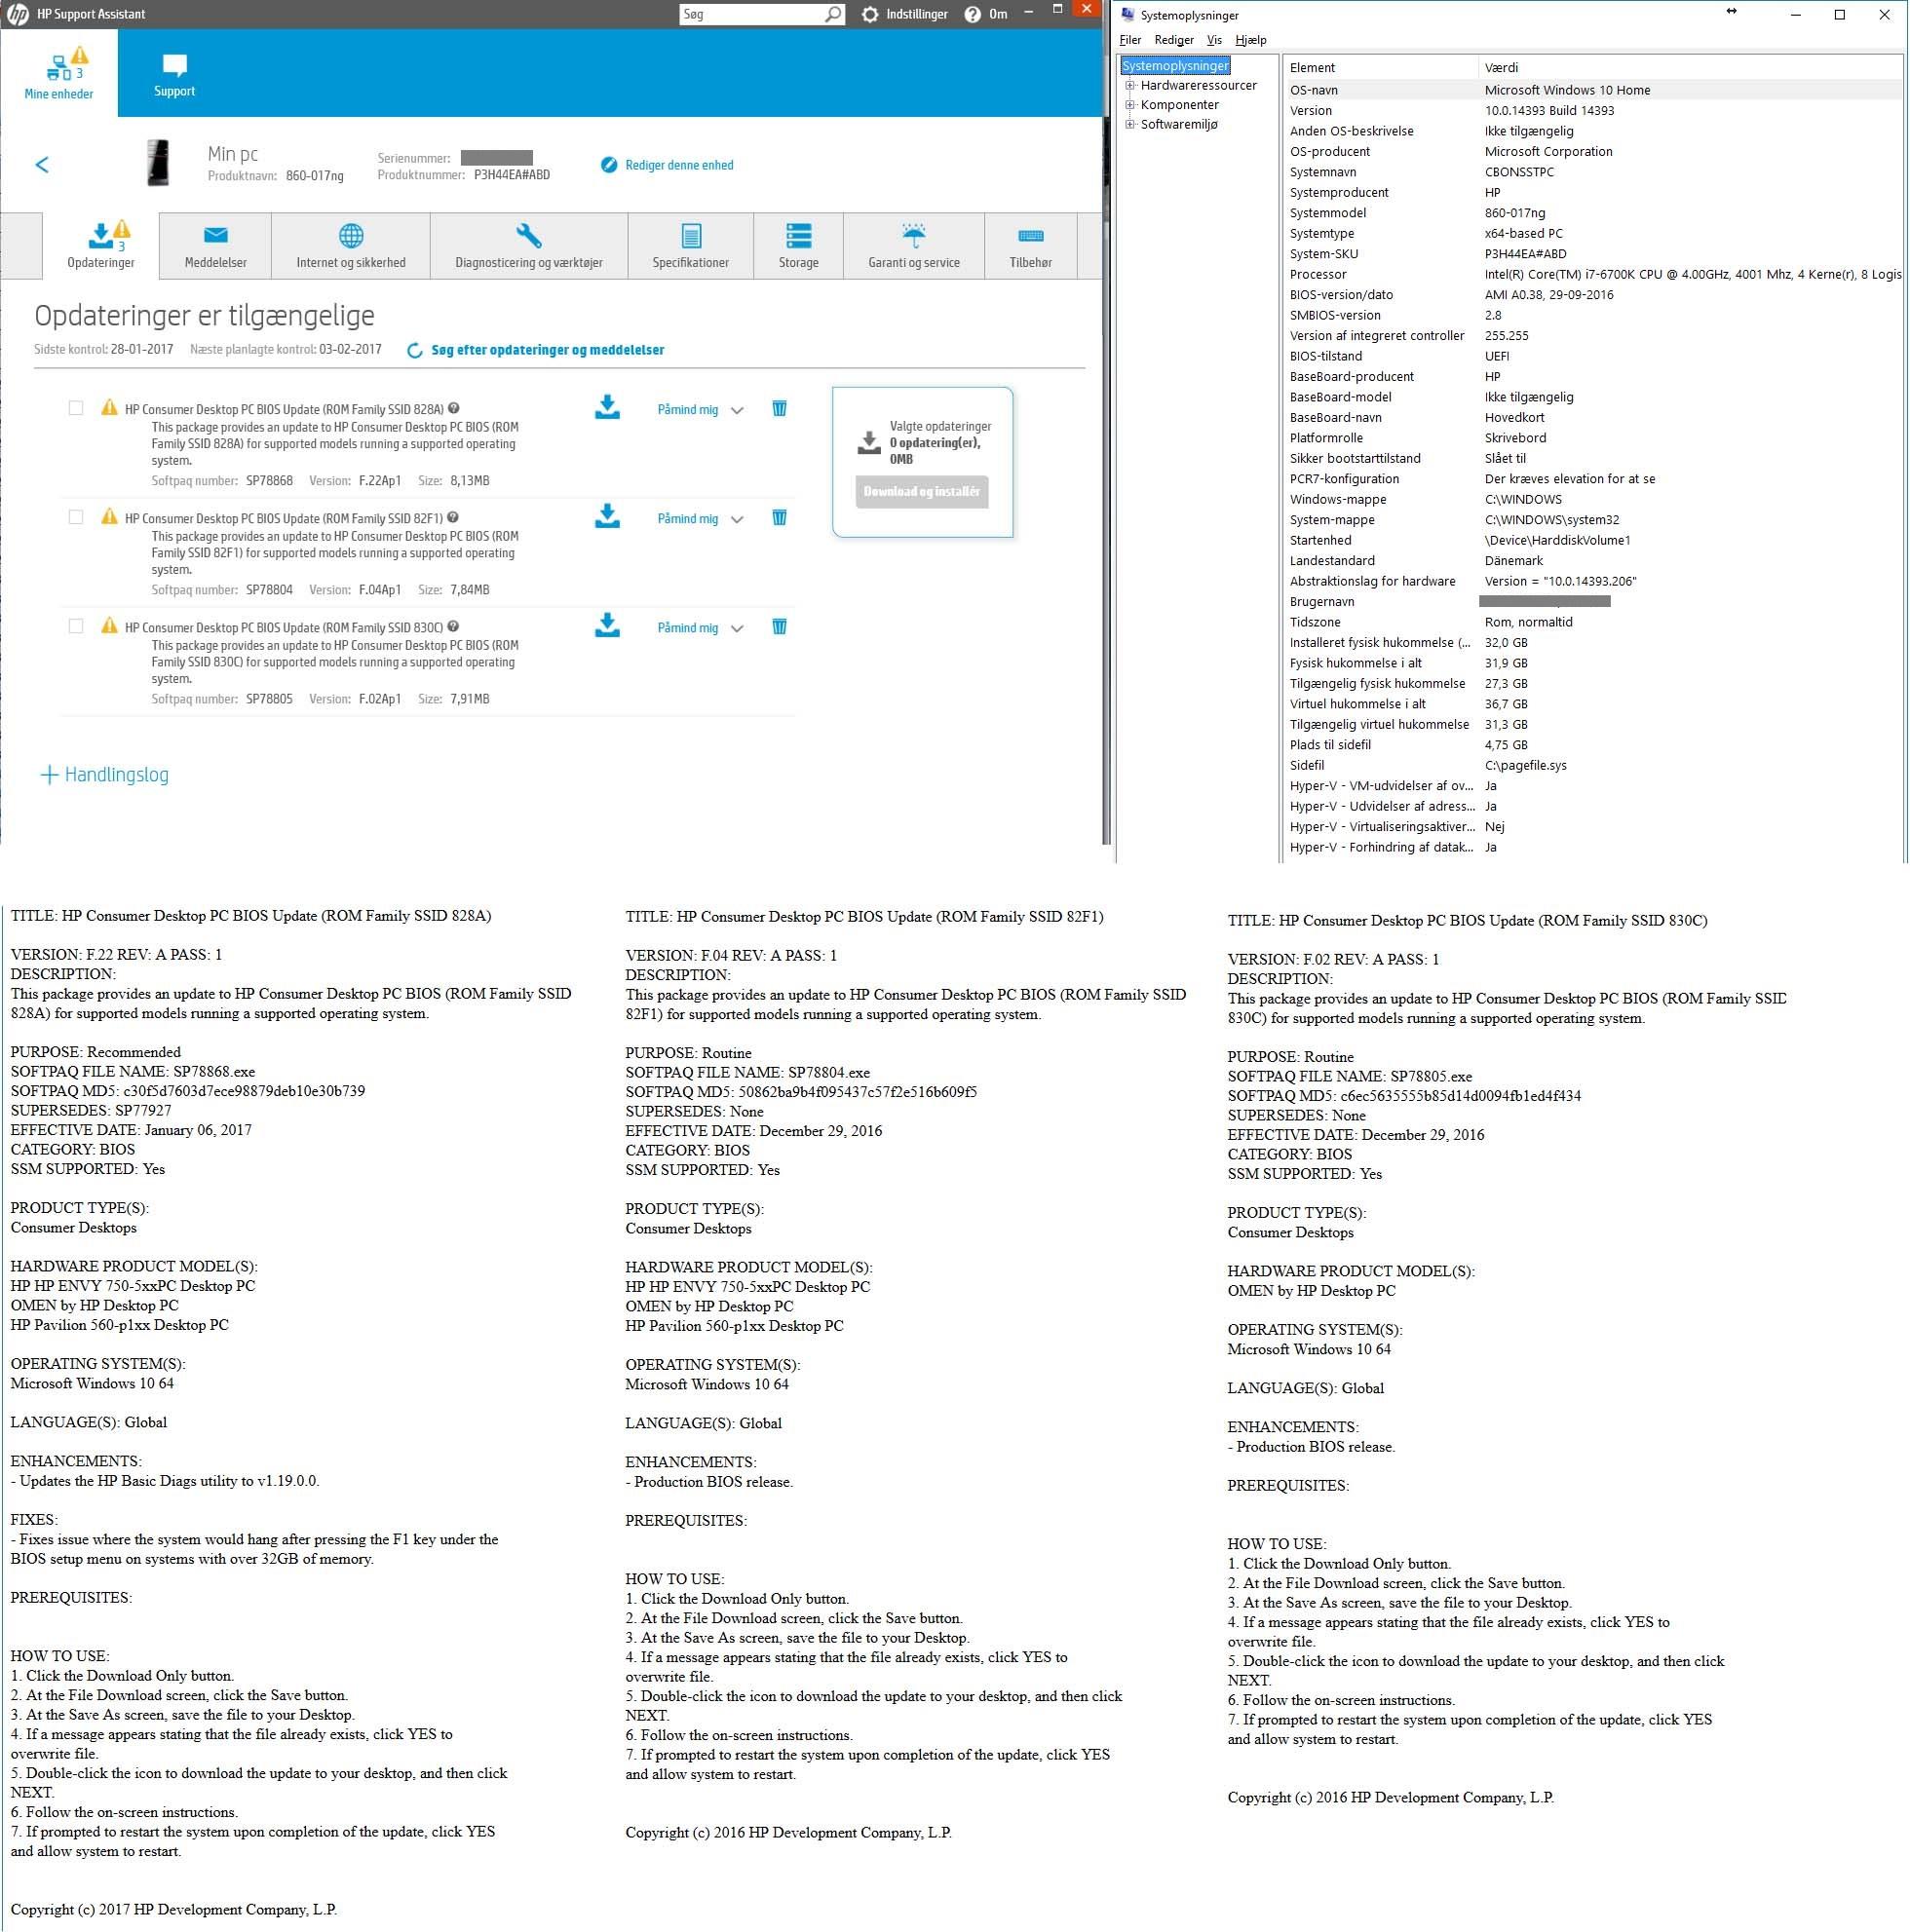 HP Bios Update 2 - HP Forum.jpg